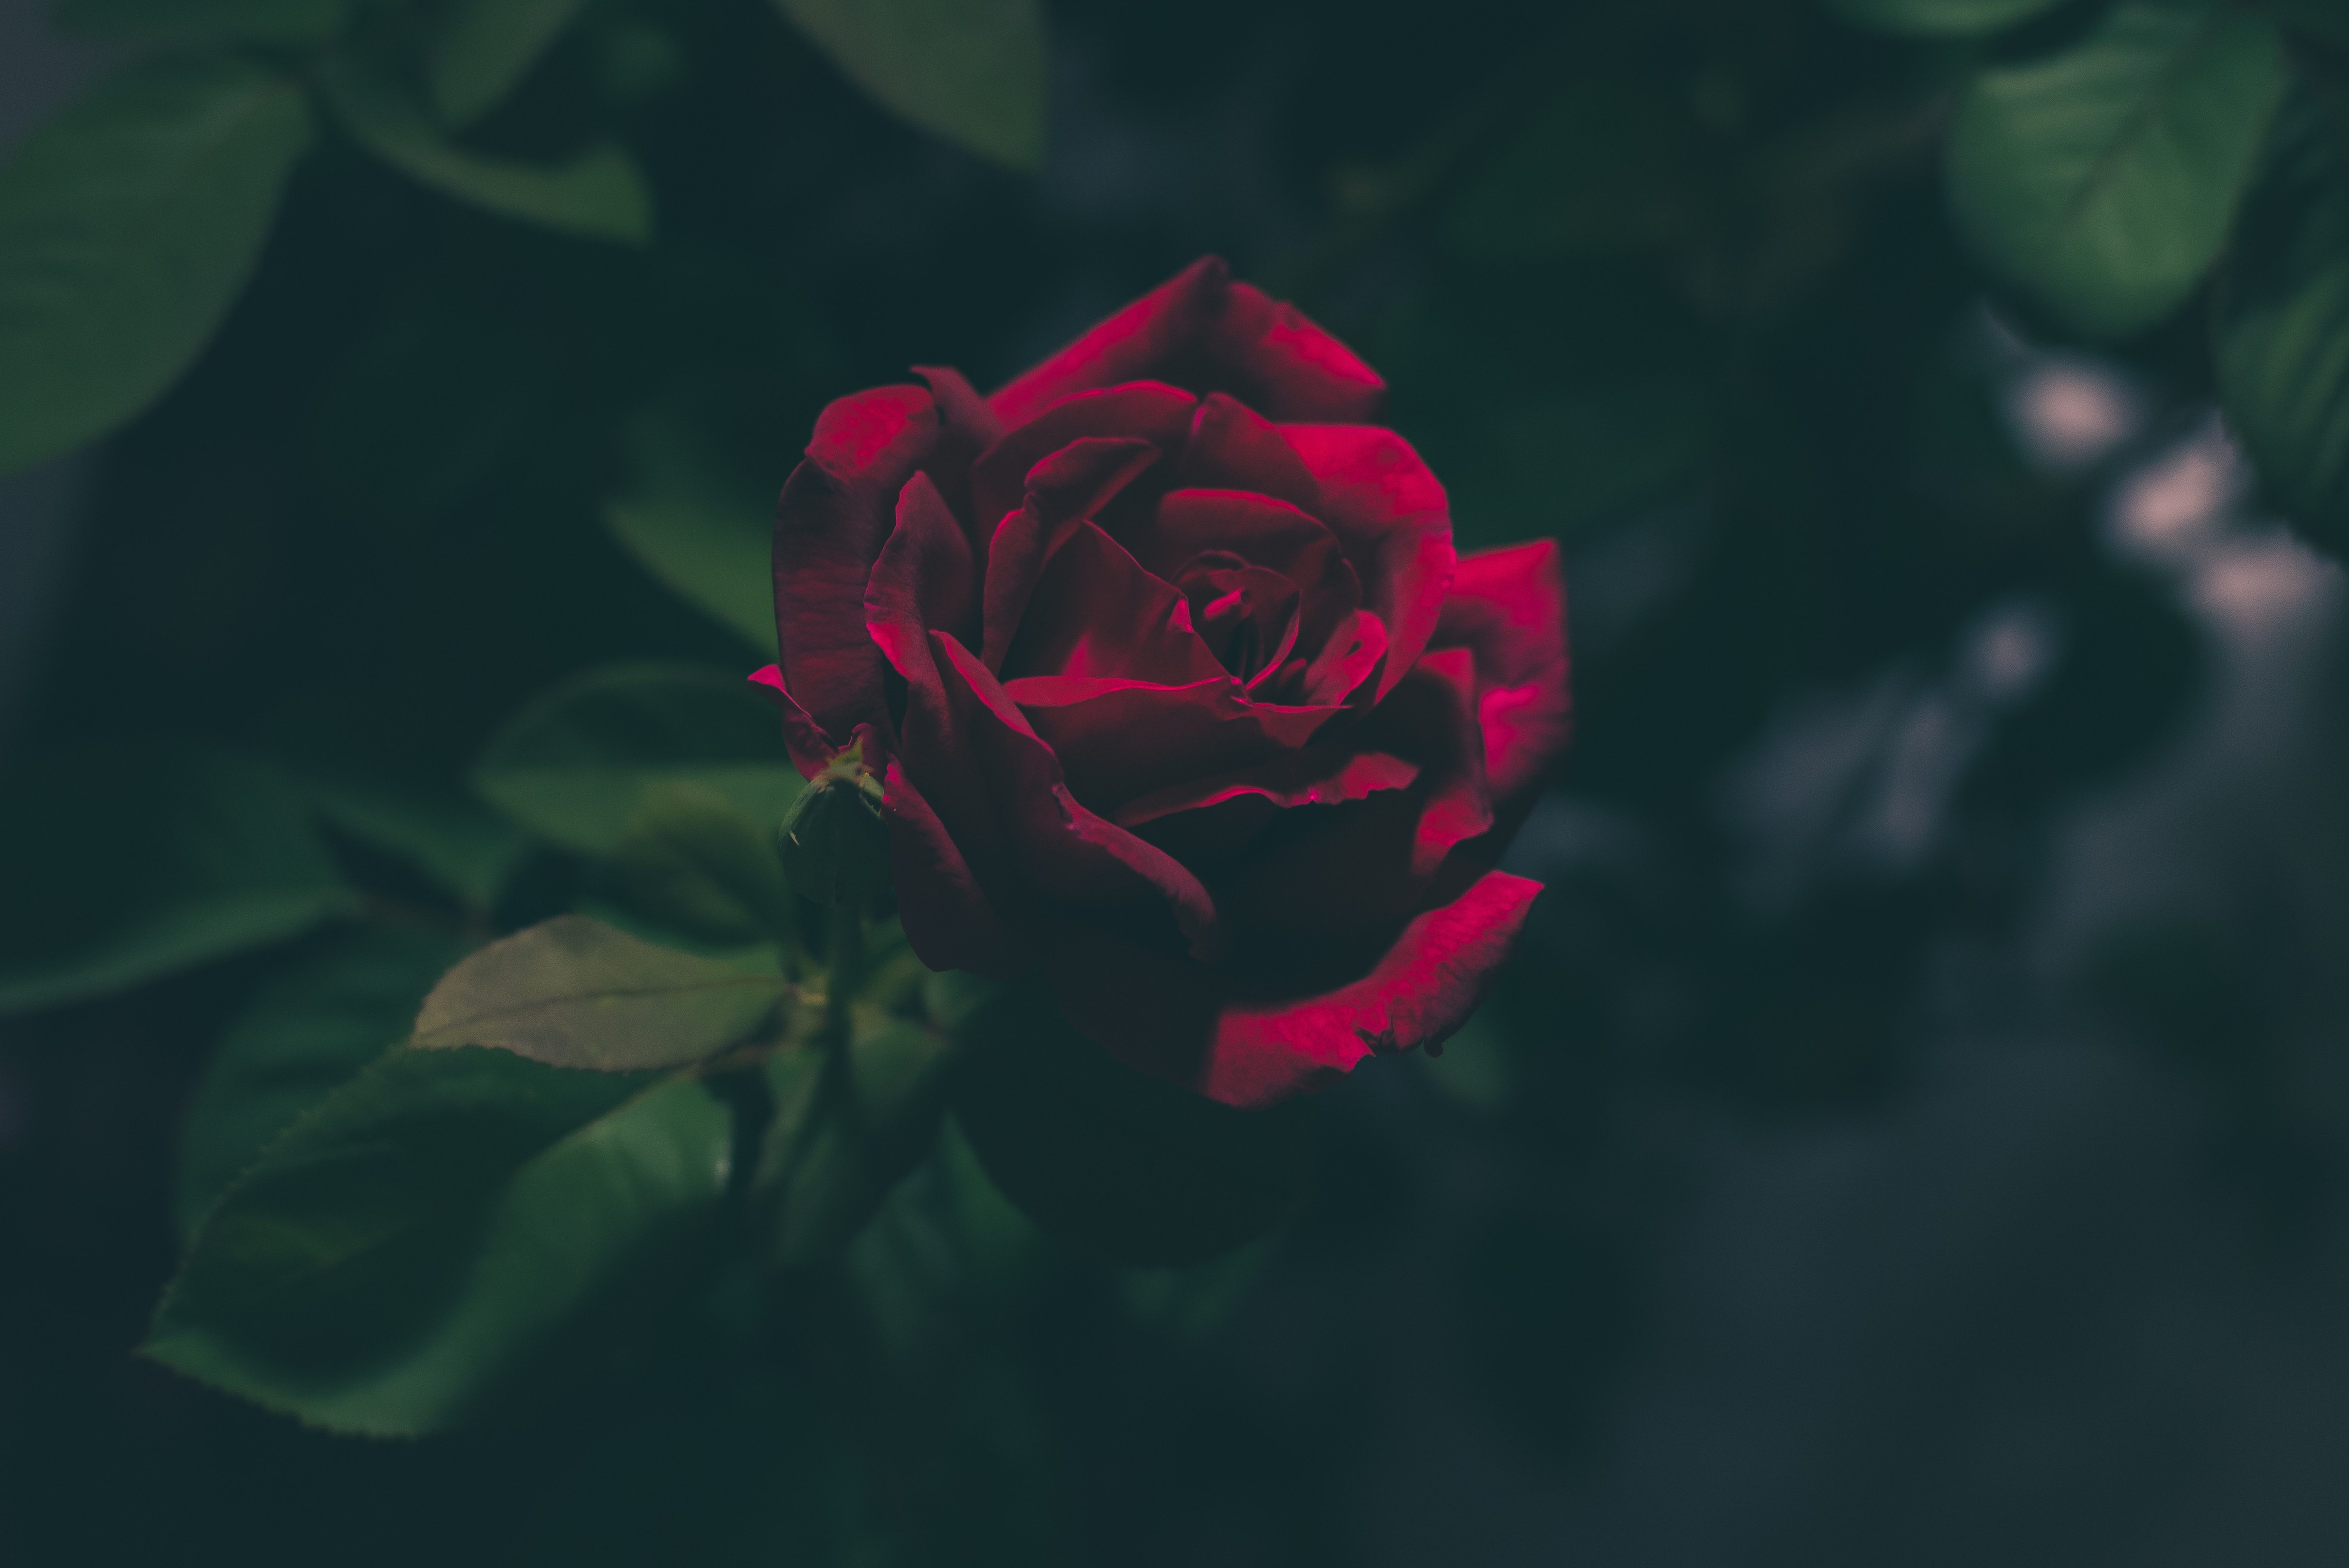 Blood red rose iphone wallpaper idrop news - Black red rose wallpaper ...